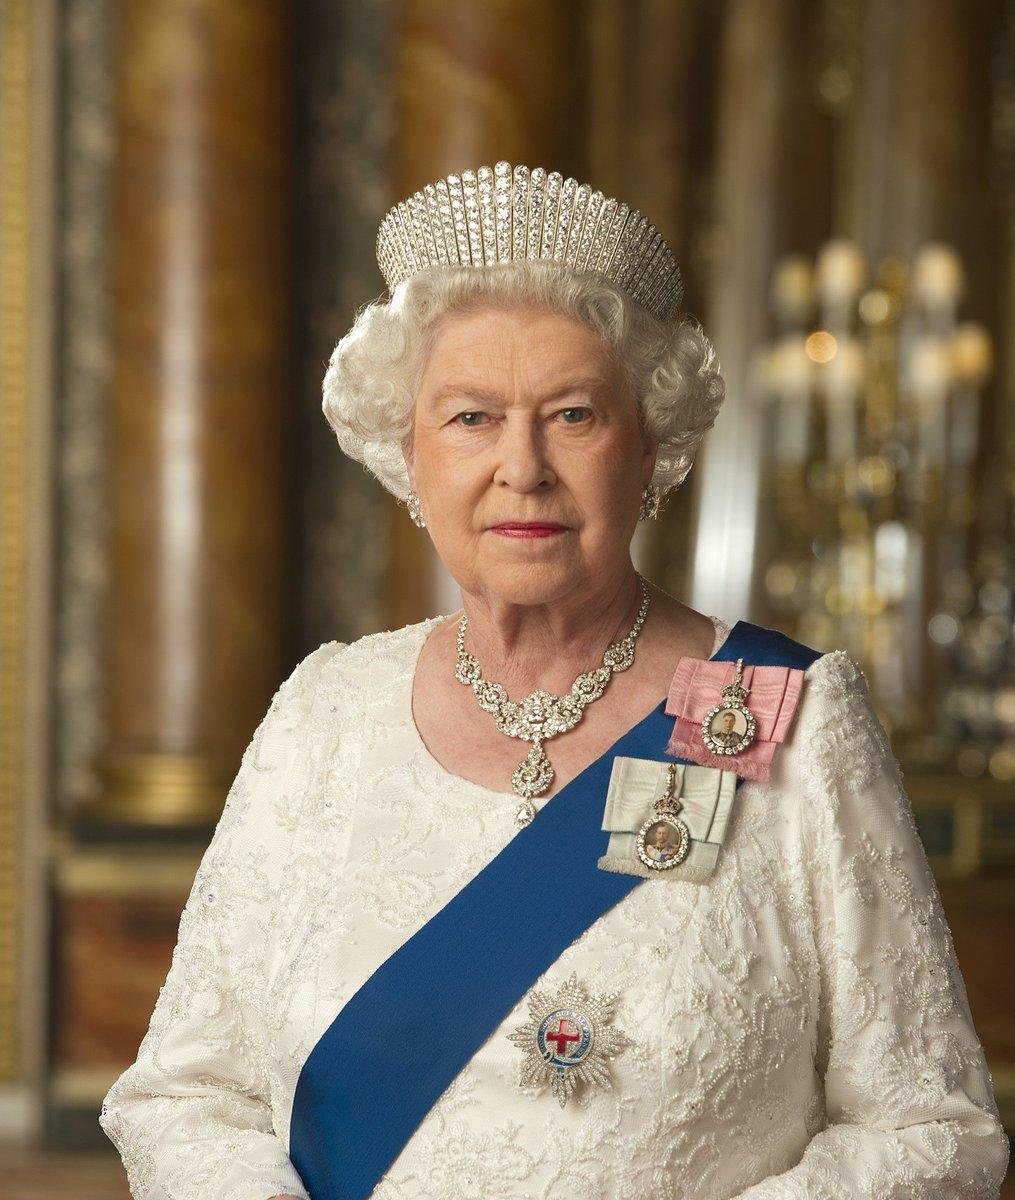 majesty queen elizabeth ii - HD1015×1200